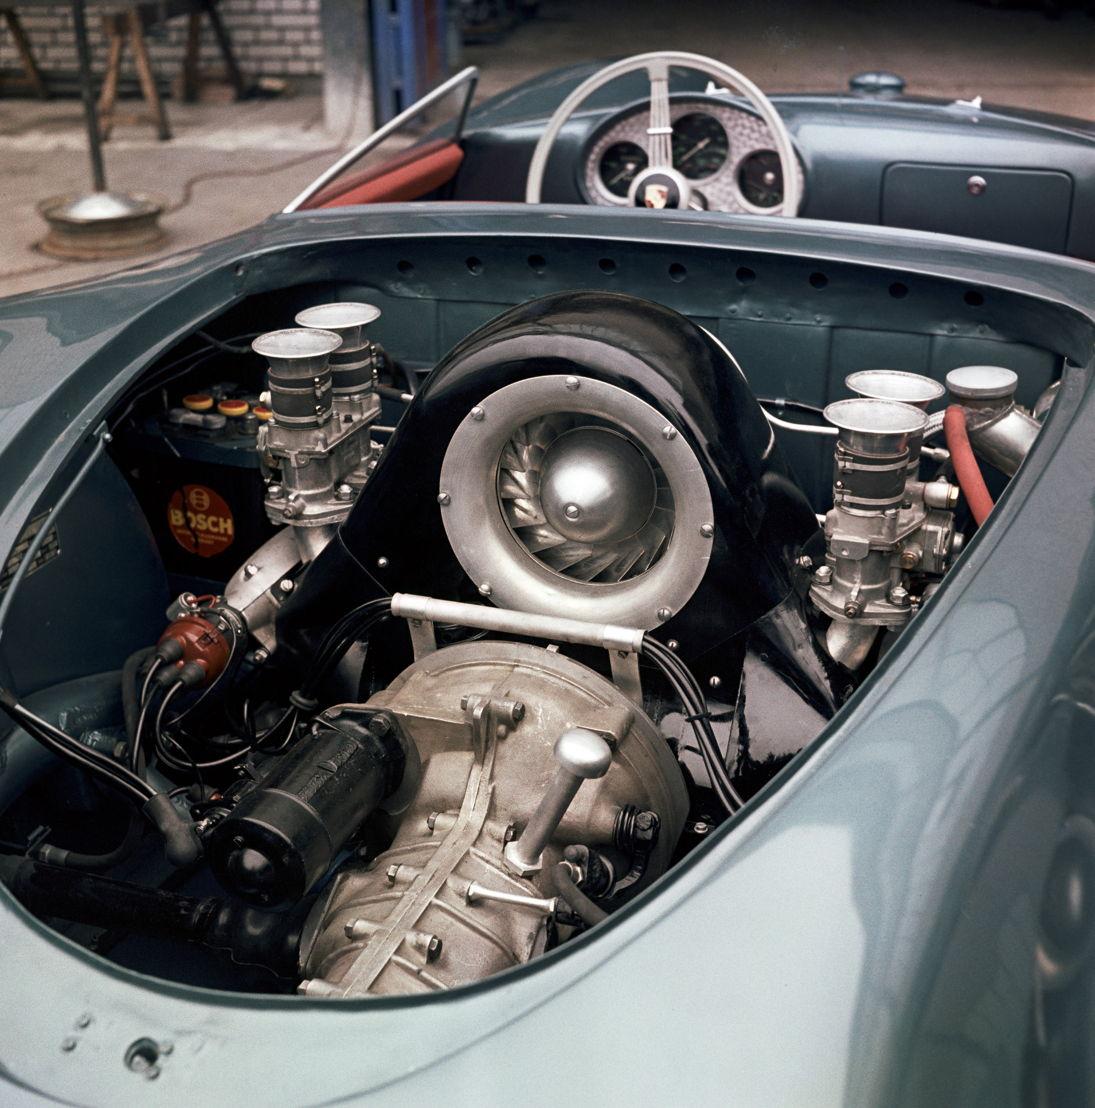 1953. En el Salón del automóvil de París son presentados los motores de cuatro árboles de levas diseñados por el ingeniero de Porsche Ernst Fuhrmann